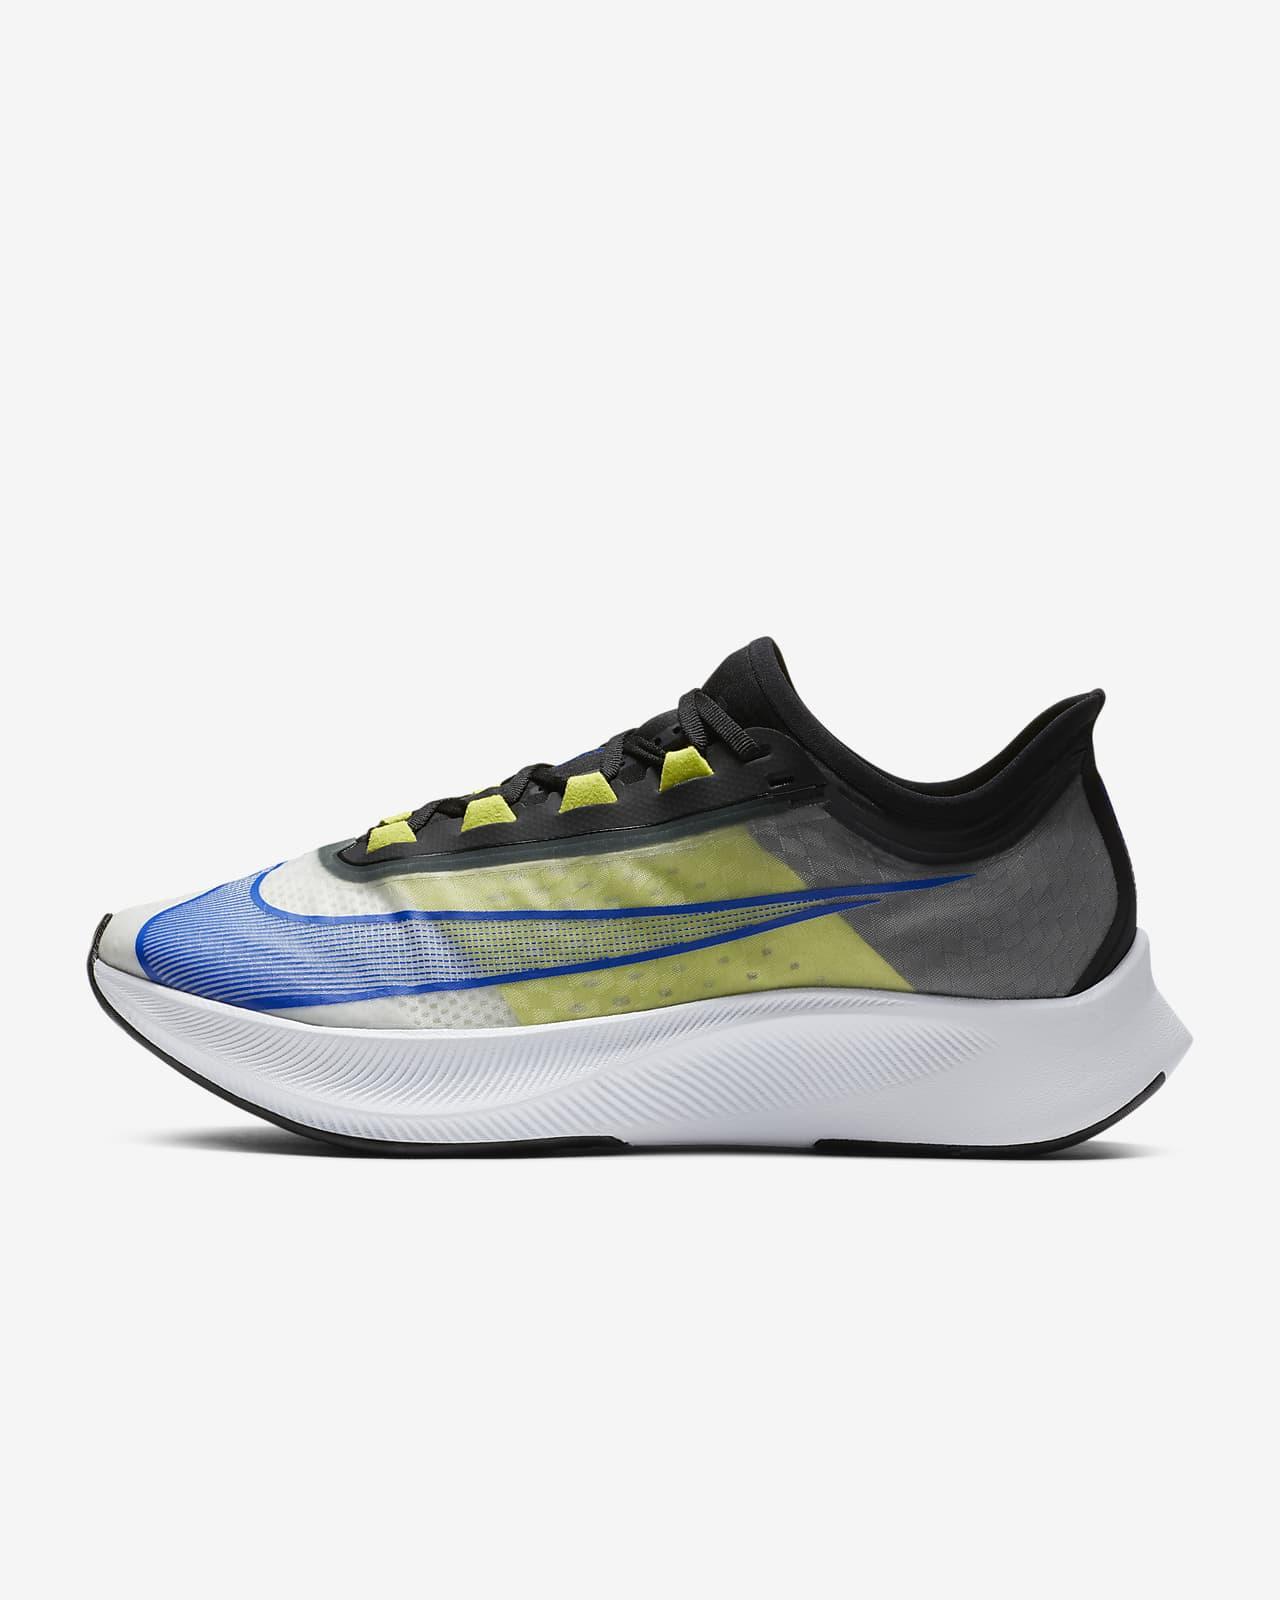 Nike Zoom Fly 3 Herren-Laufschuh